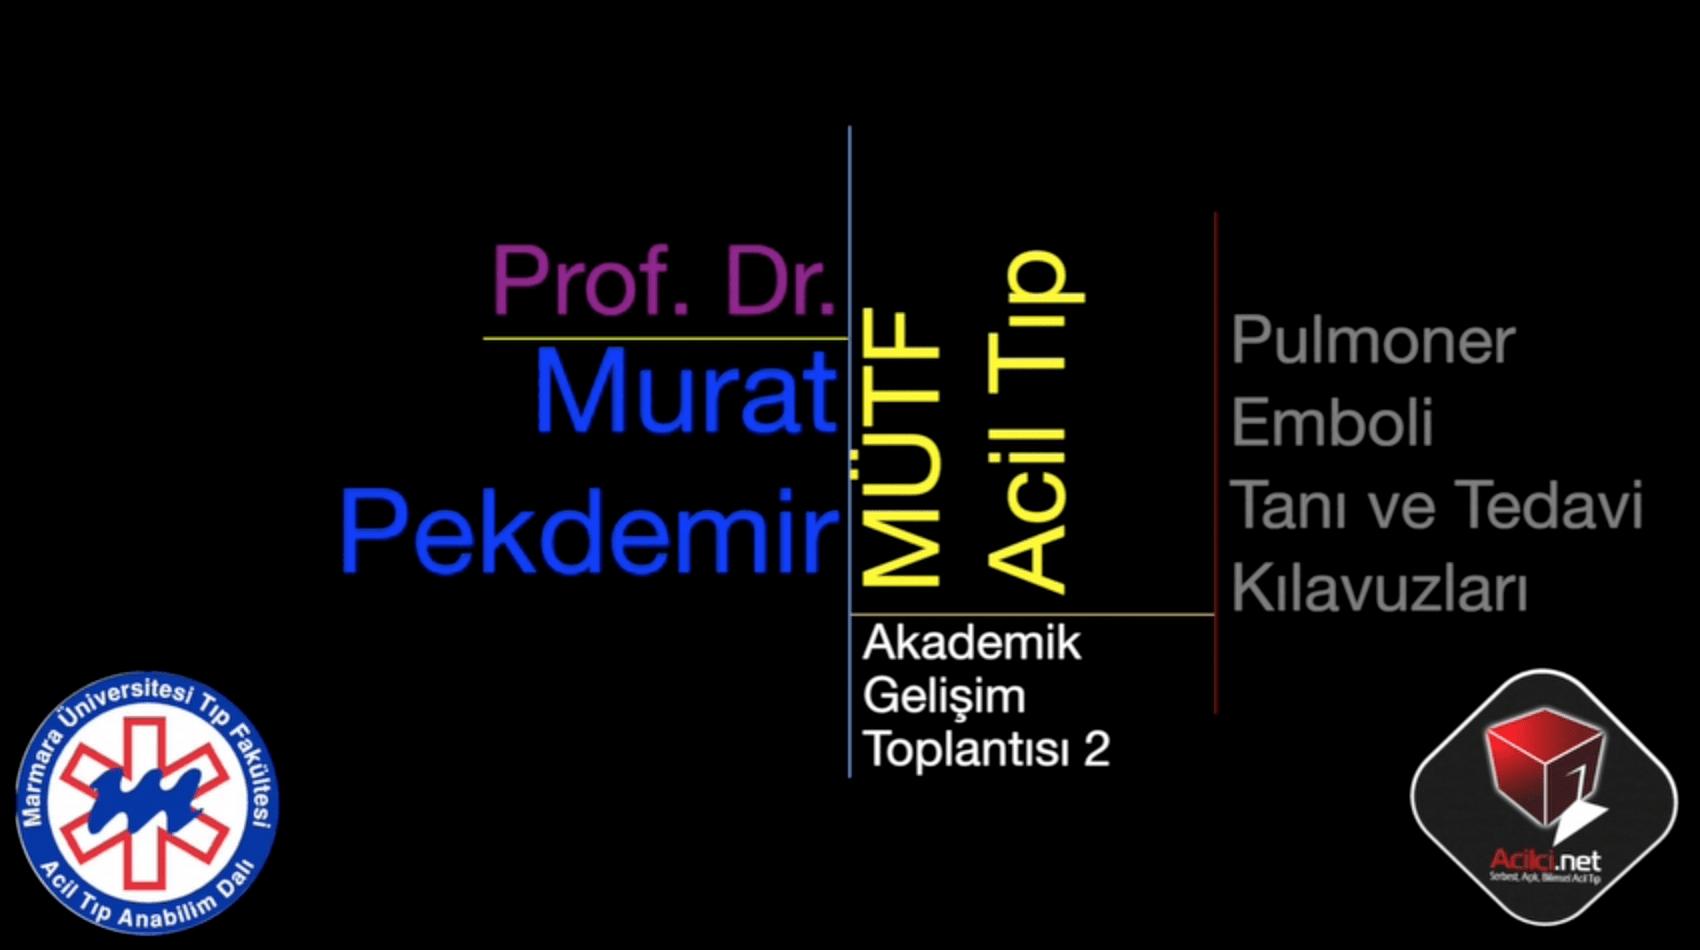 Photo of Pulmoner Emboli Tanı ve Tedavi Kılavuzları